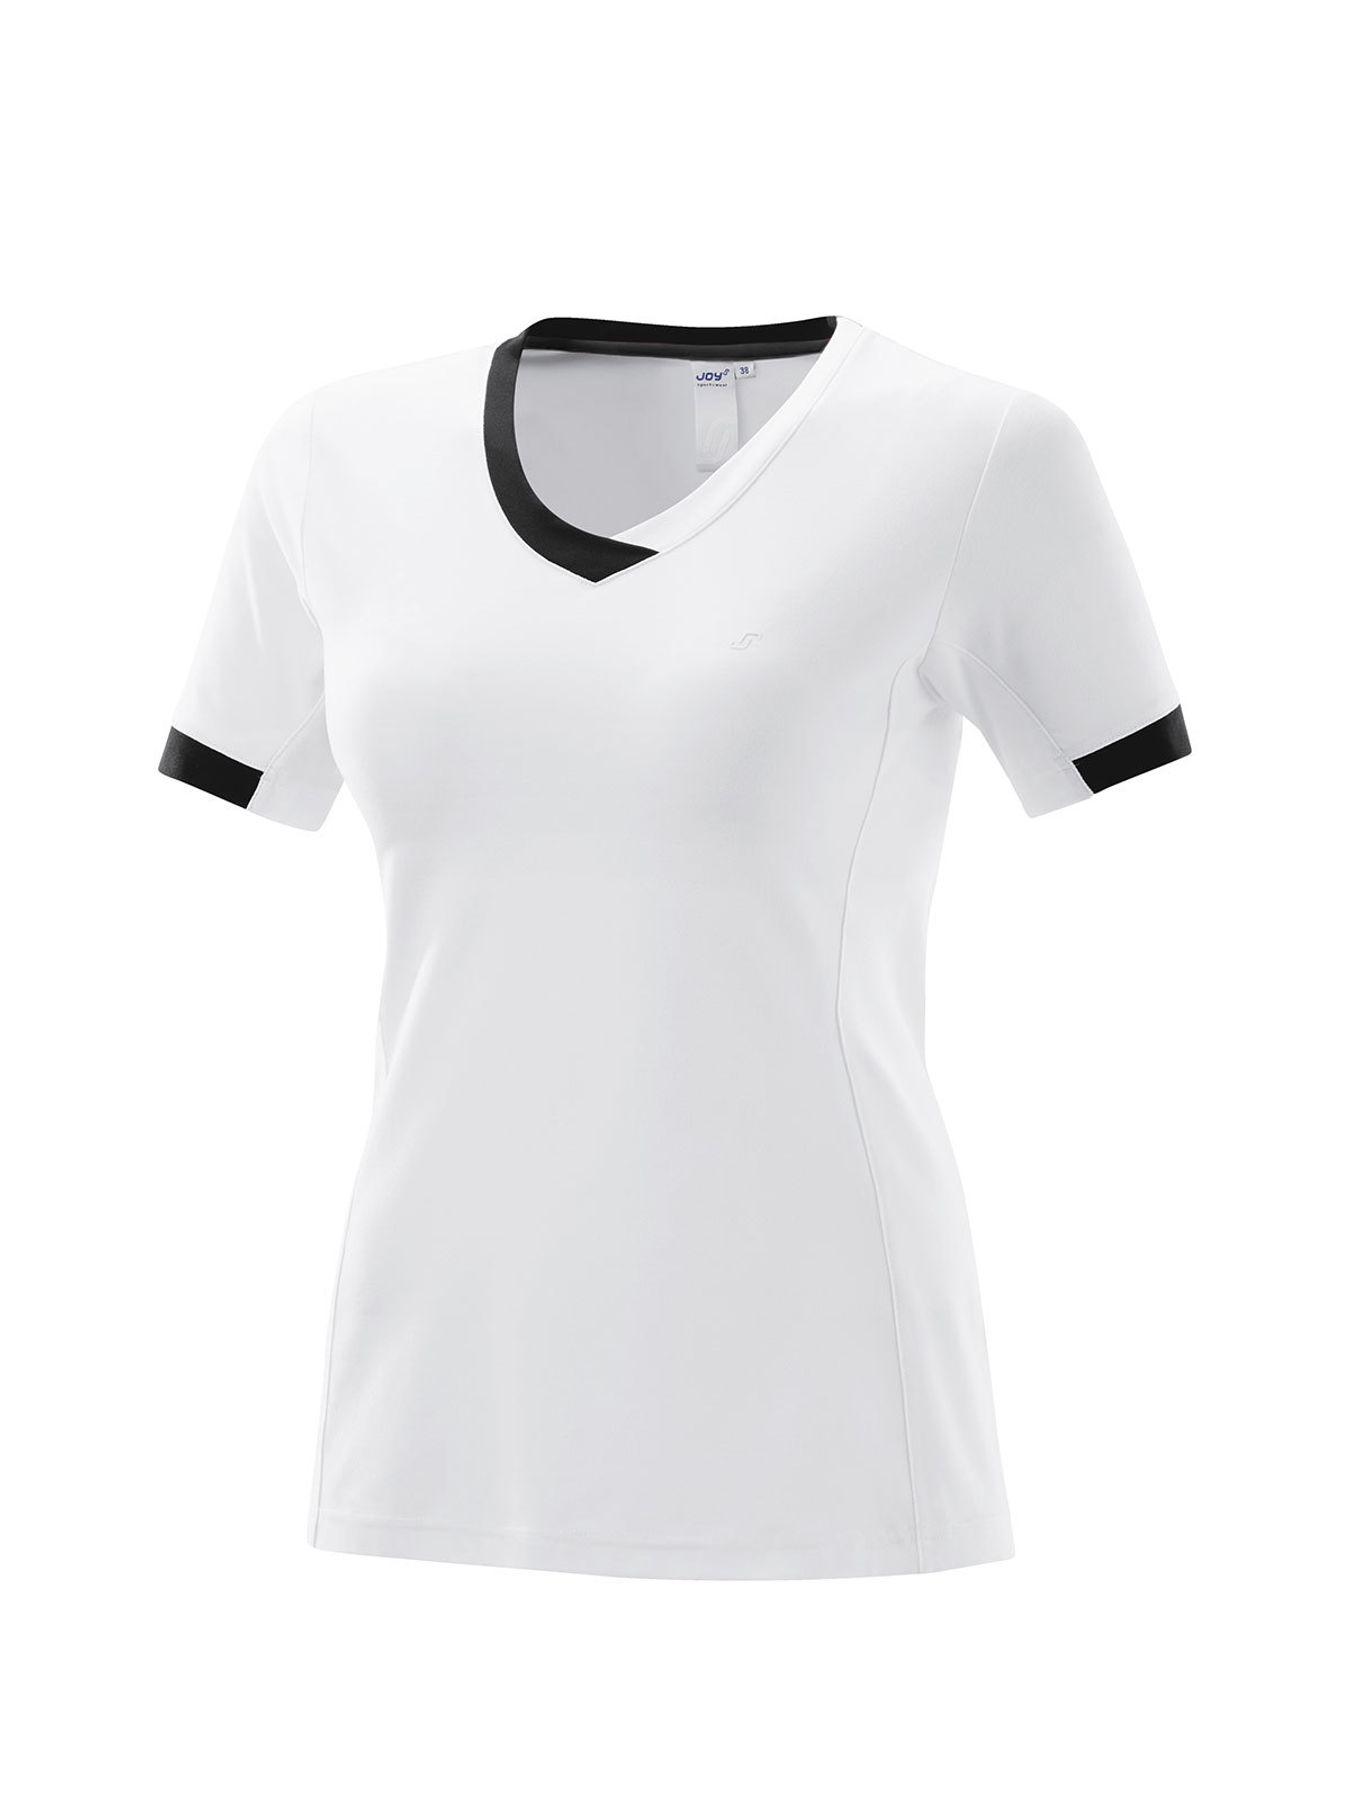 Joy - Damen Sport und Freizeit Shirt in weiß, Hella (34414 A) – Bild 1